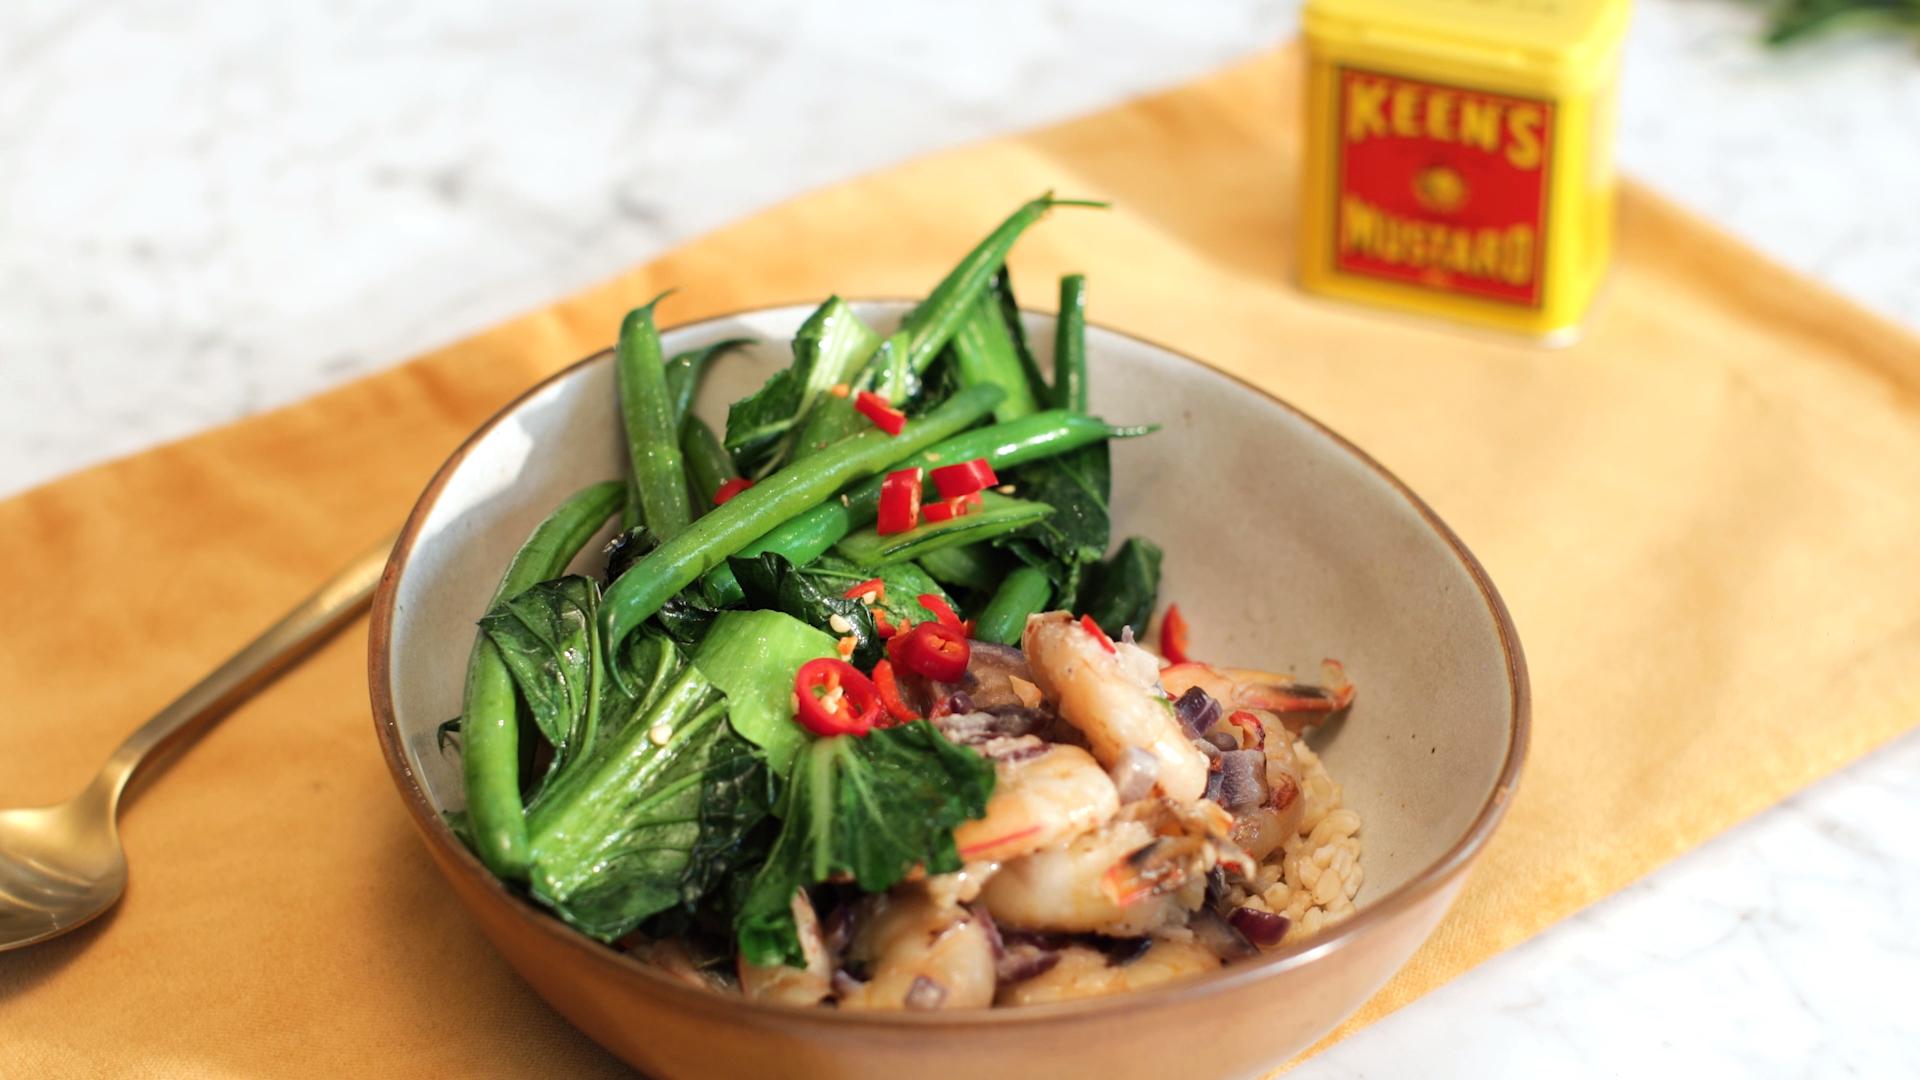 Stir-fried prawns in mustard-coconut sauce